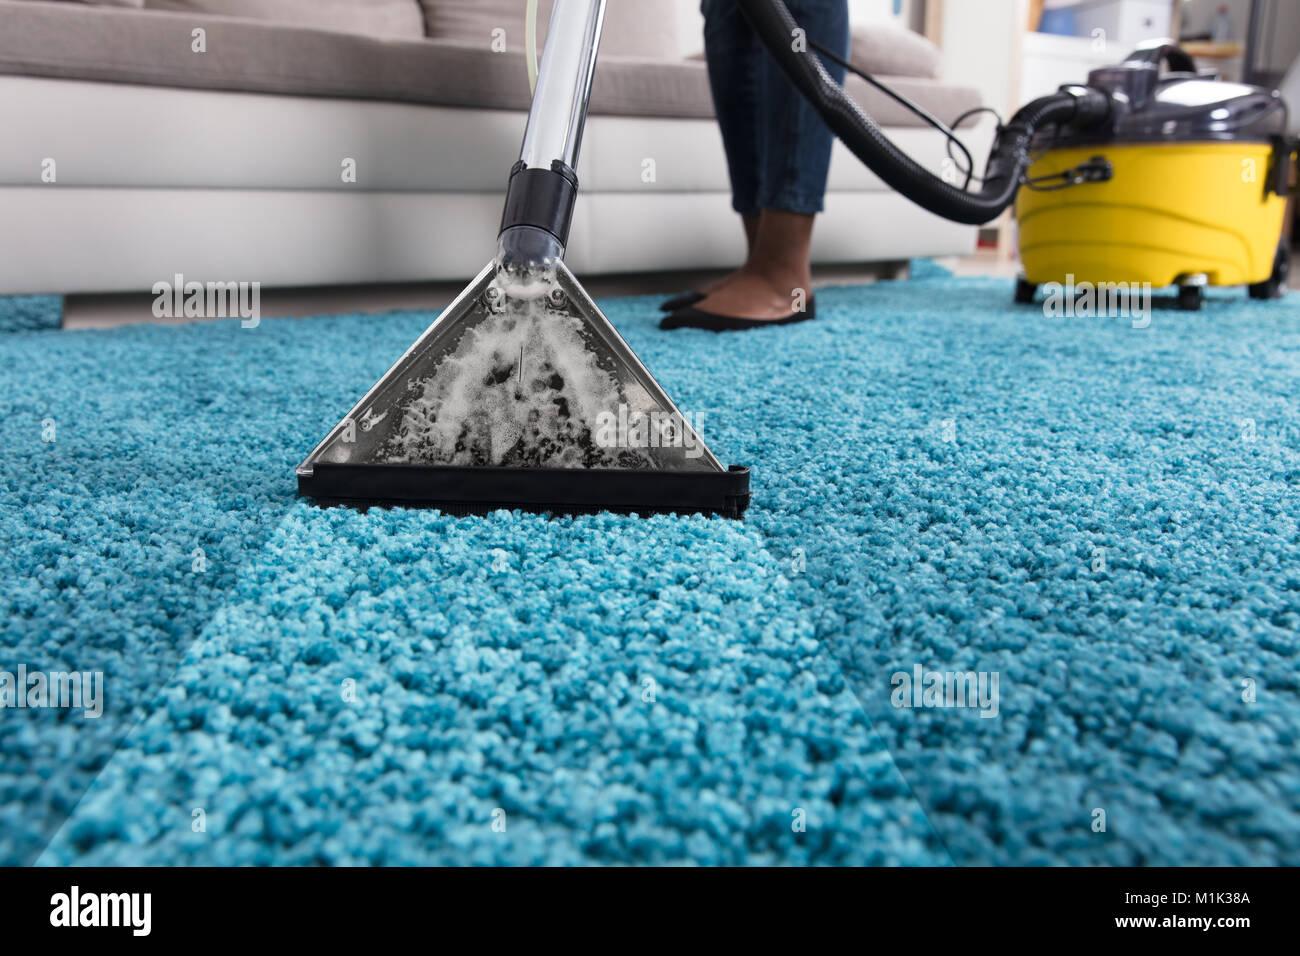 Limpiar alfombra en casa gallery of como lavar una alfombra en casa with limpiar alfombra en - Productos para limpiar alfombras en casa ...